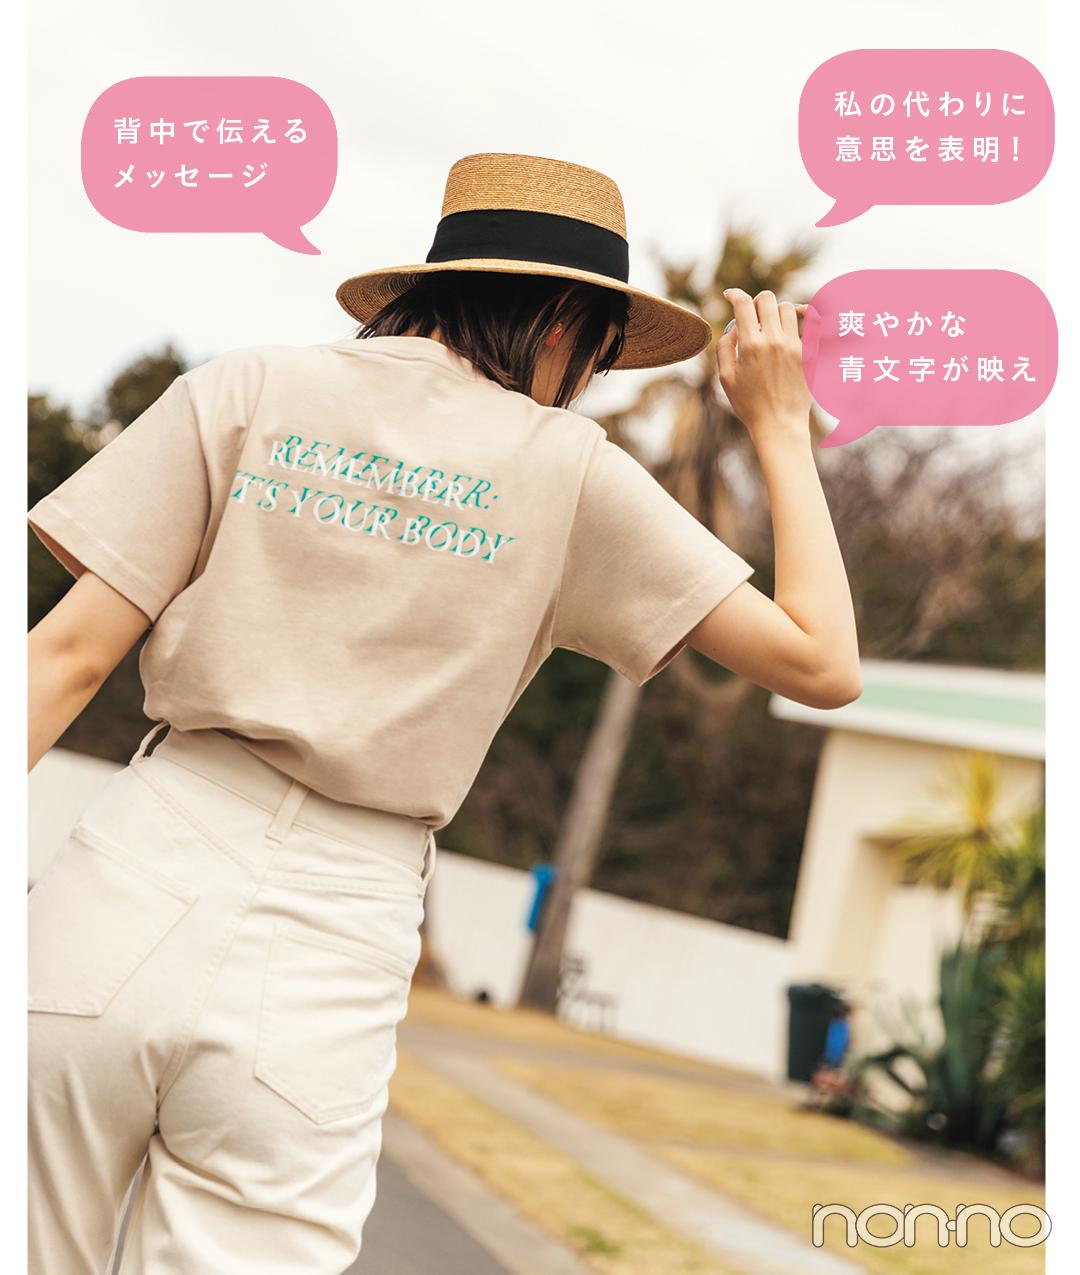 江野沢愛美が着るmimosasのメッセージTシャツコーデ35